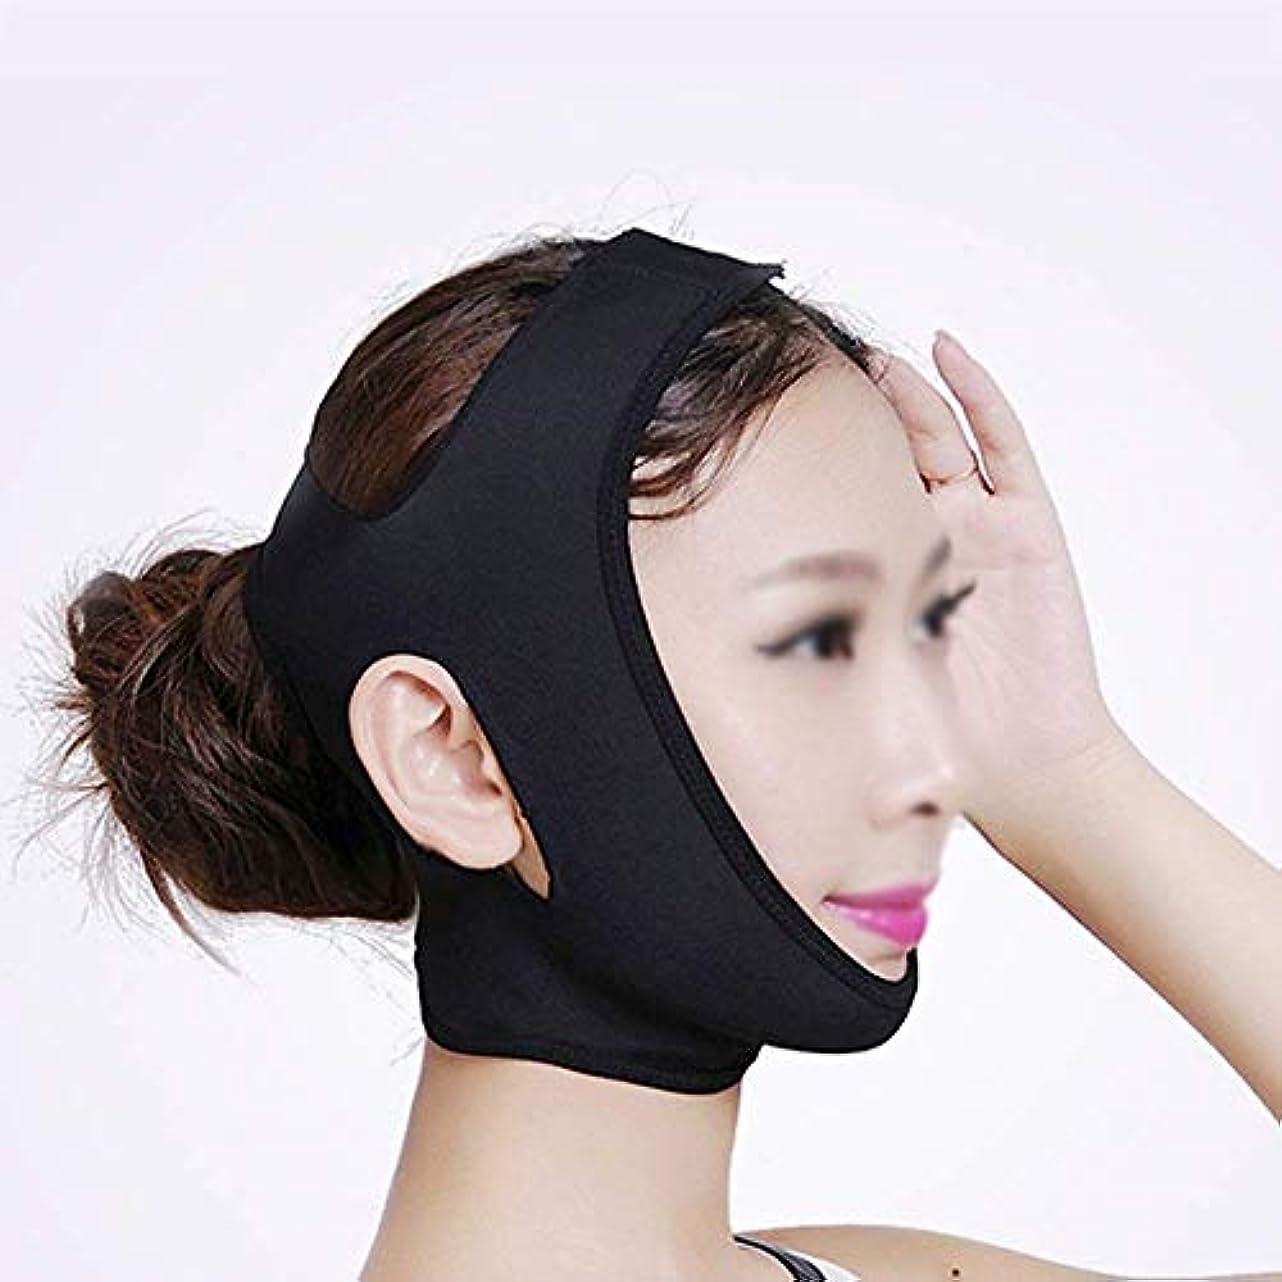 うるさいビルマ興奮するフェイシャル減量マスクリフティングフェイス、フェイスマスク、減量包帯を除去するためのダブルチン、フェイシャルリフティング包帯、ダブルチンを減らすためのリフティングベルト(カラー:ブラック、サイズ:M),黒、XXL